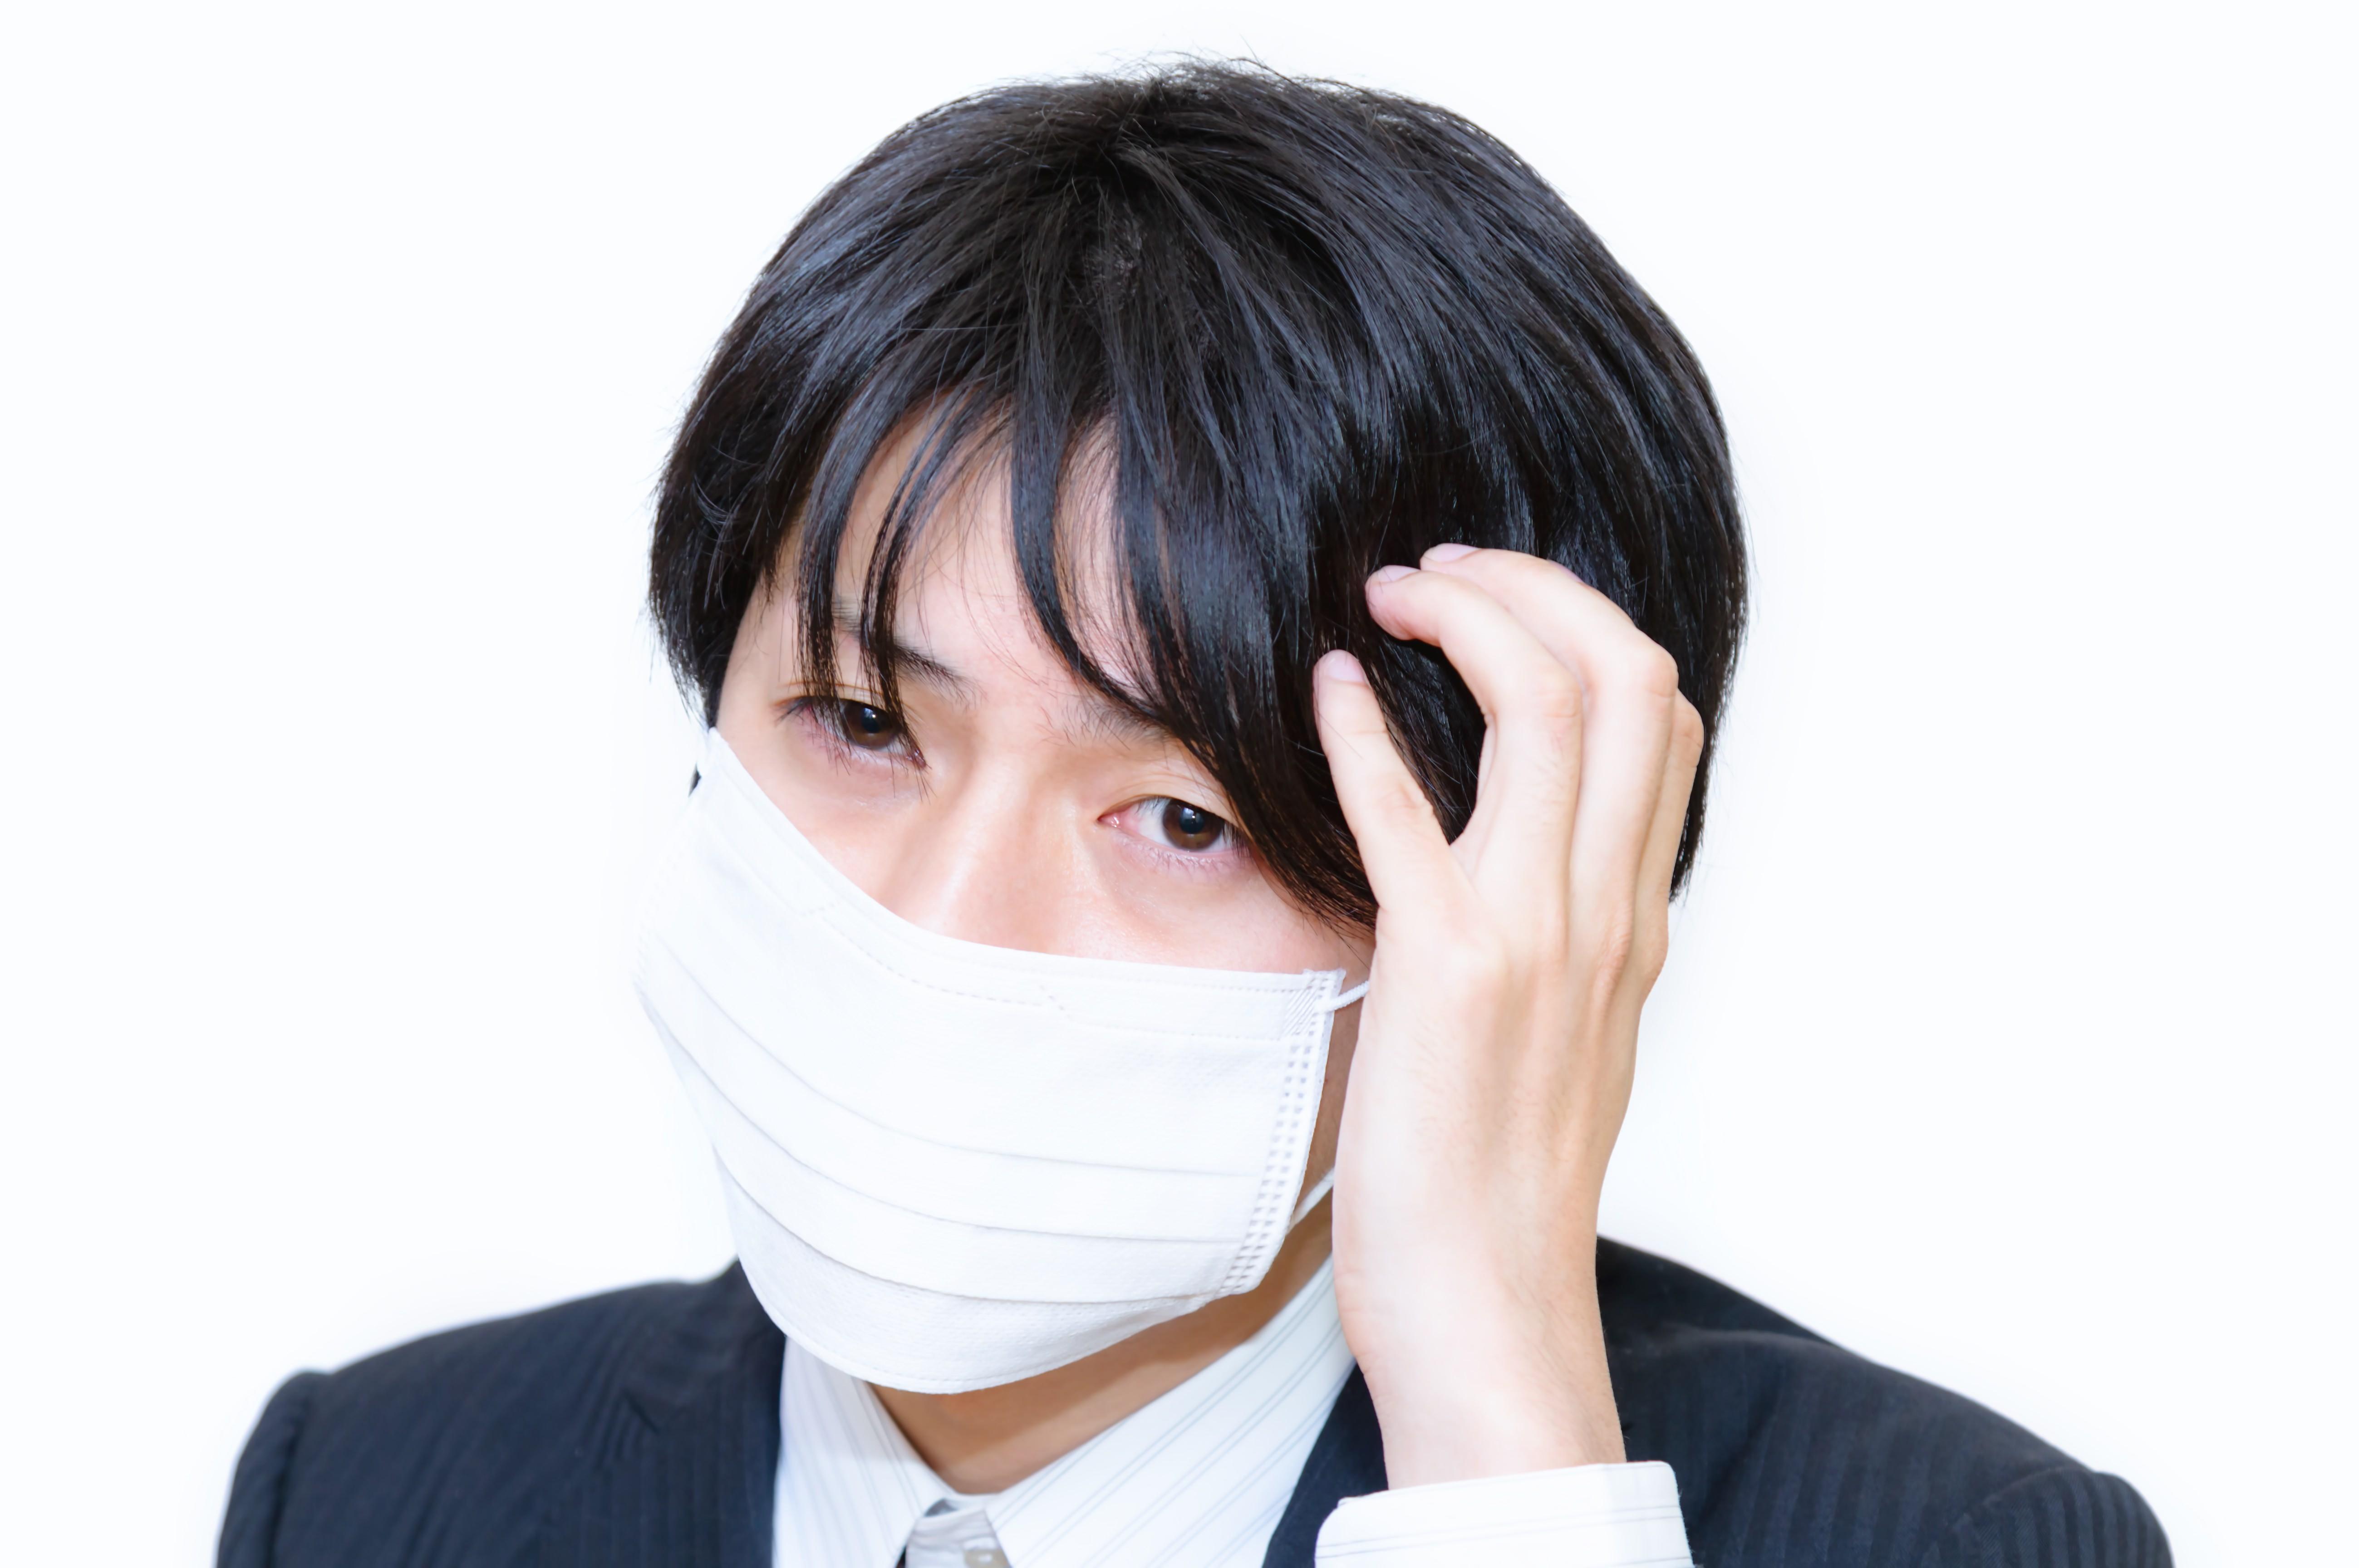 PAK24_kazehiitakamoshirenai1343